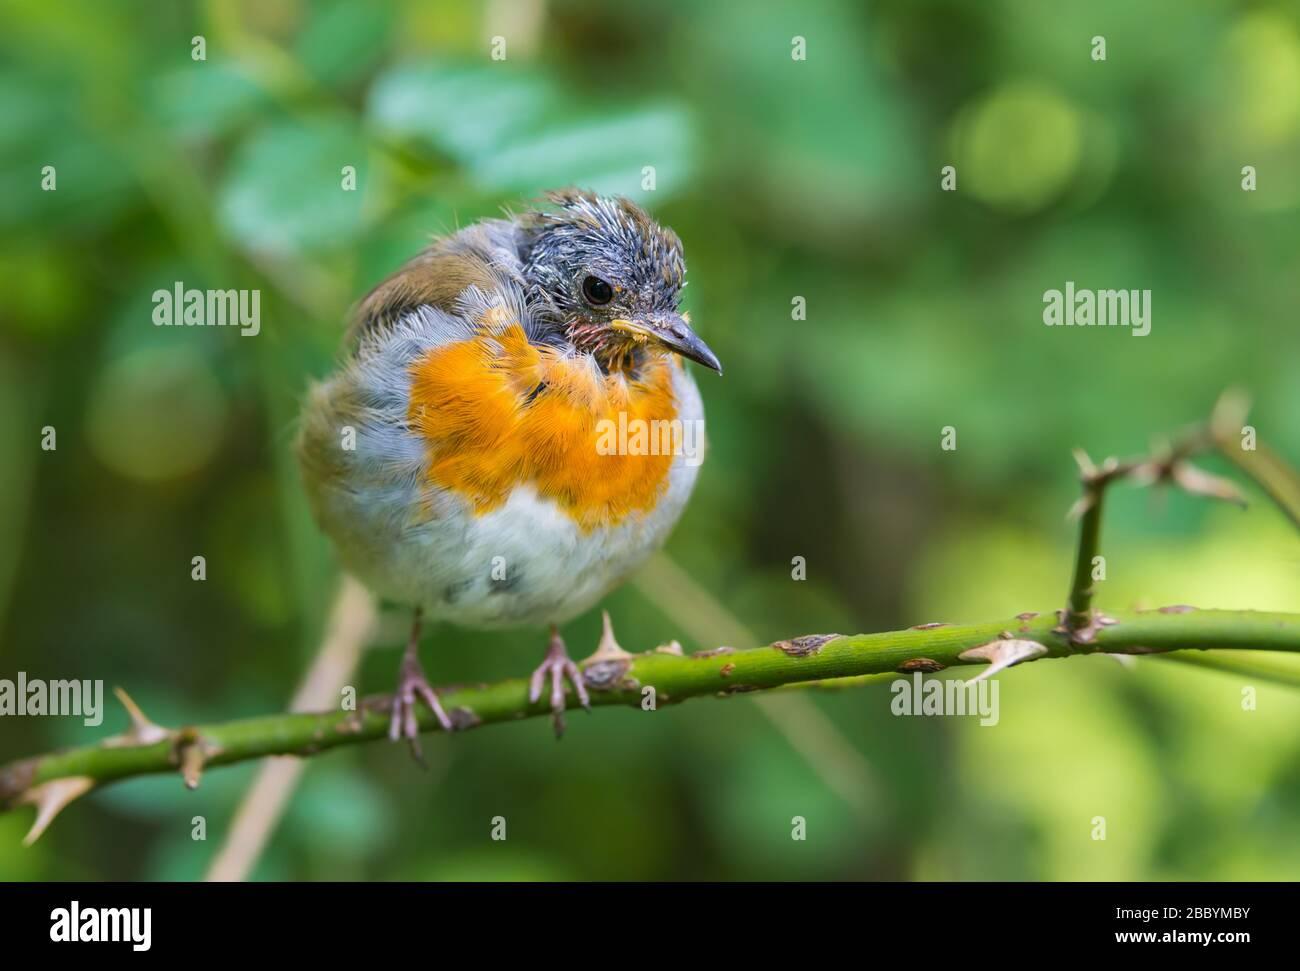 European Robin (Erithacus rubecula) en la muda, encaramado en una ramita en verano en West Sussex, Inglaterra, Reino Unido. Petirrojo moliendo, perdiendo plumas. Foto de stock